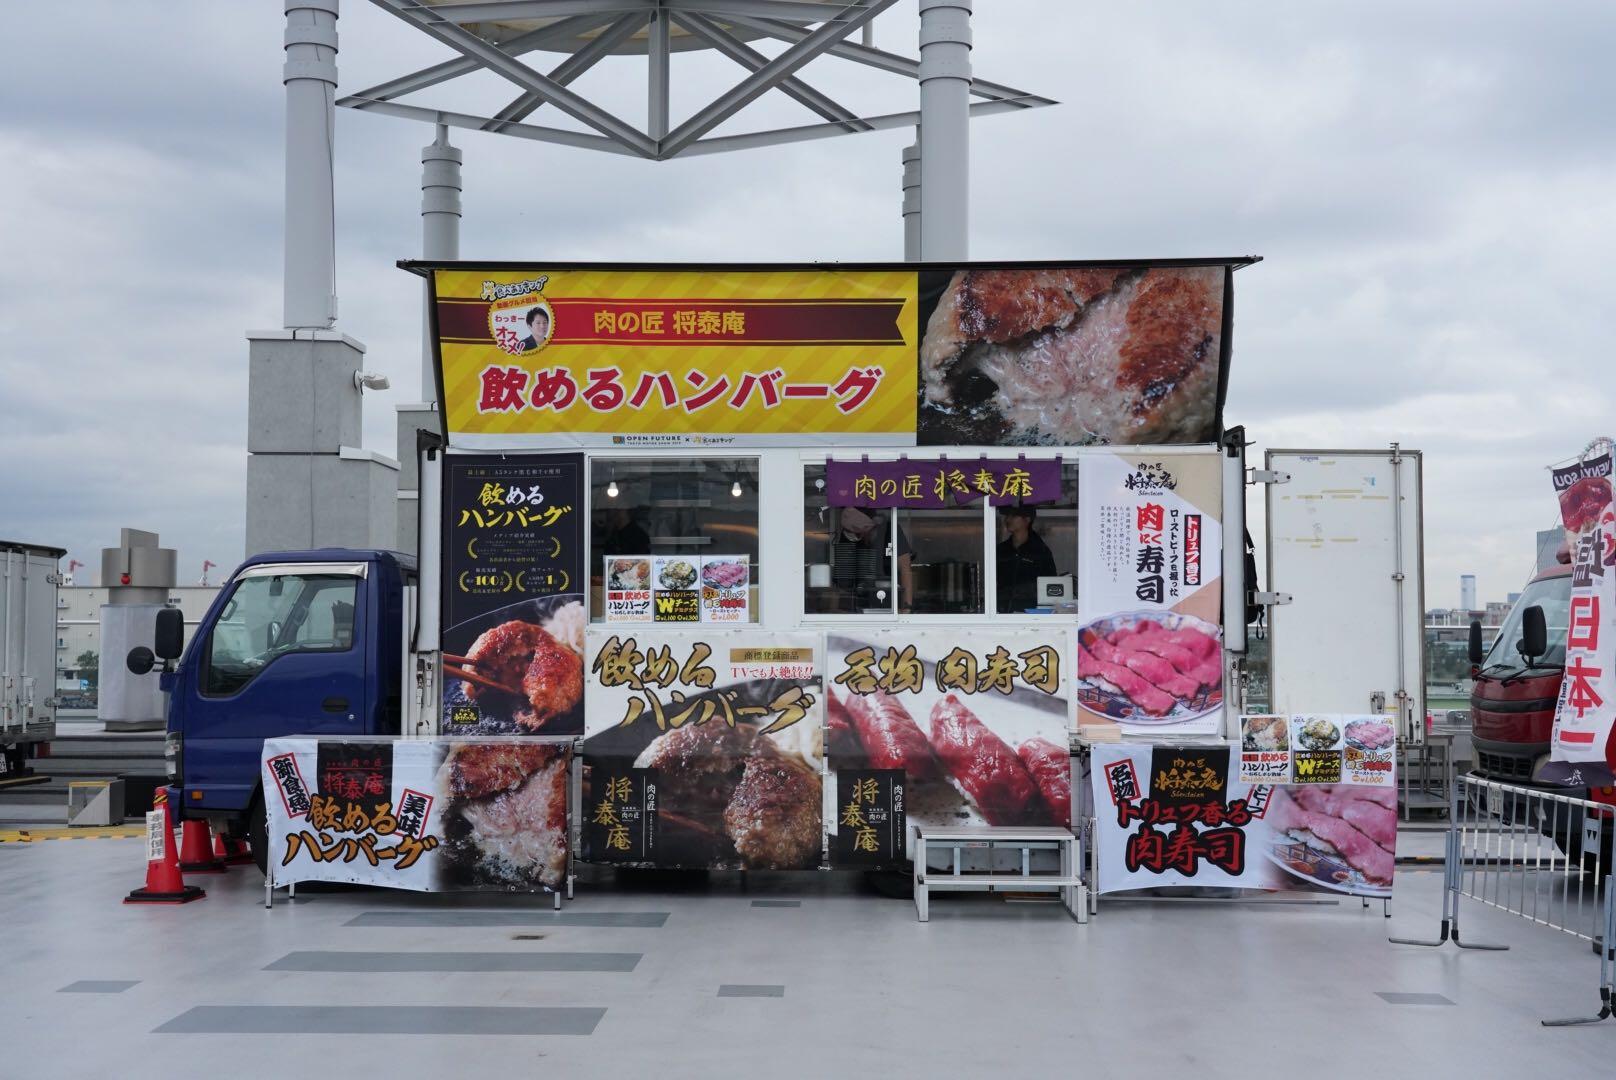 肉の匠 将泰庵 グルメキングダム 東京モーターショー2019